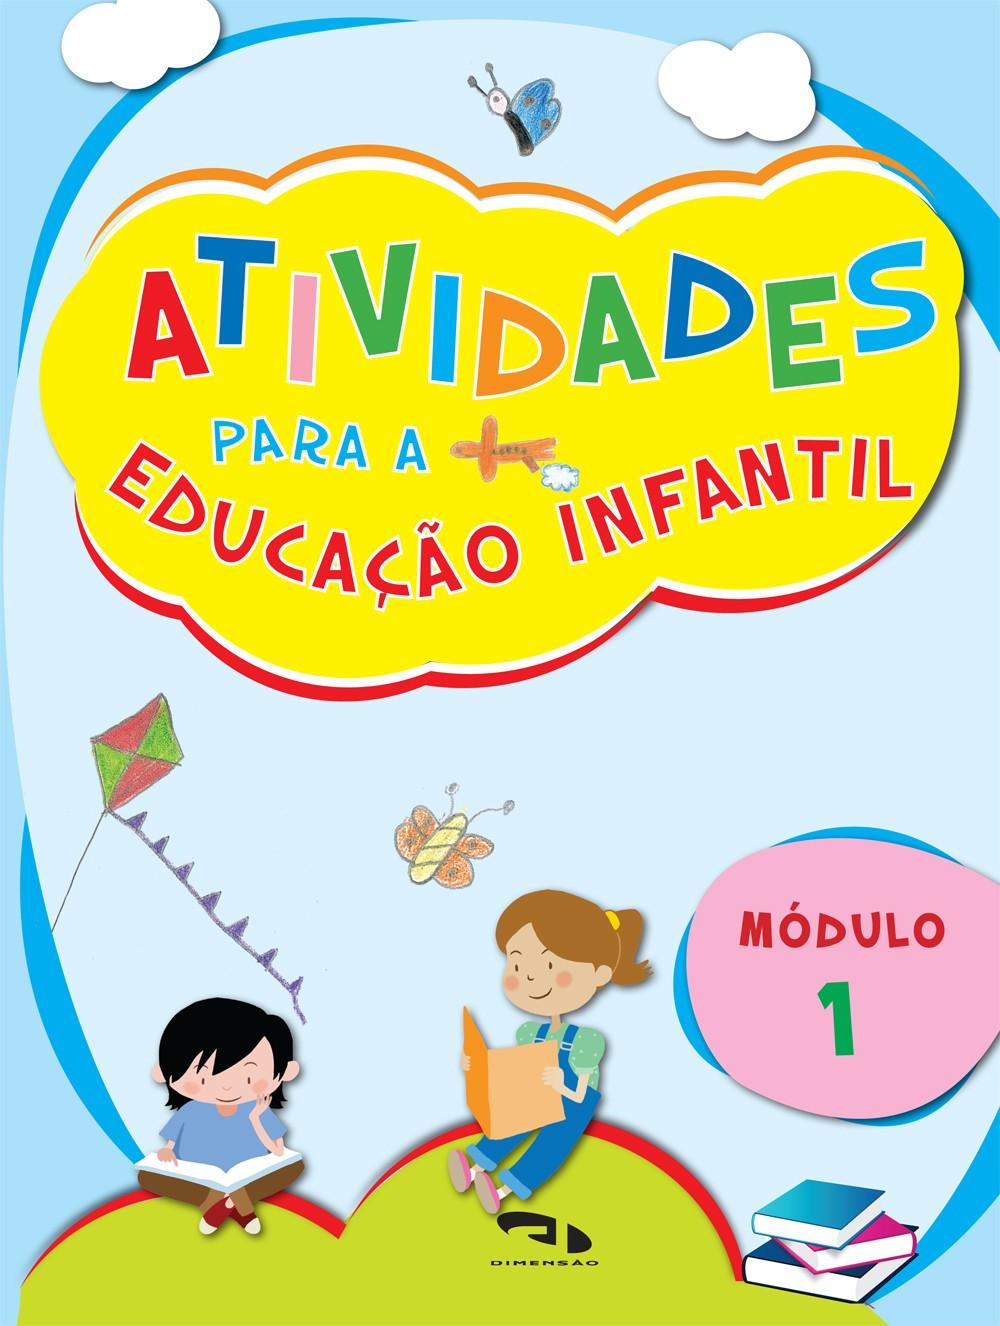 Foto 1 - Atividades para Educação Infantil - Módulo 1